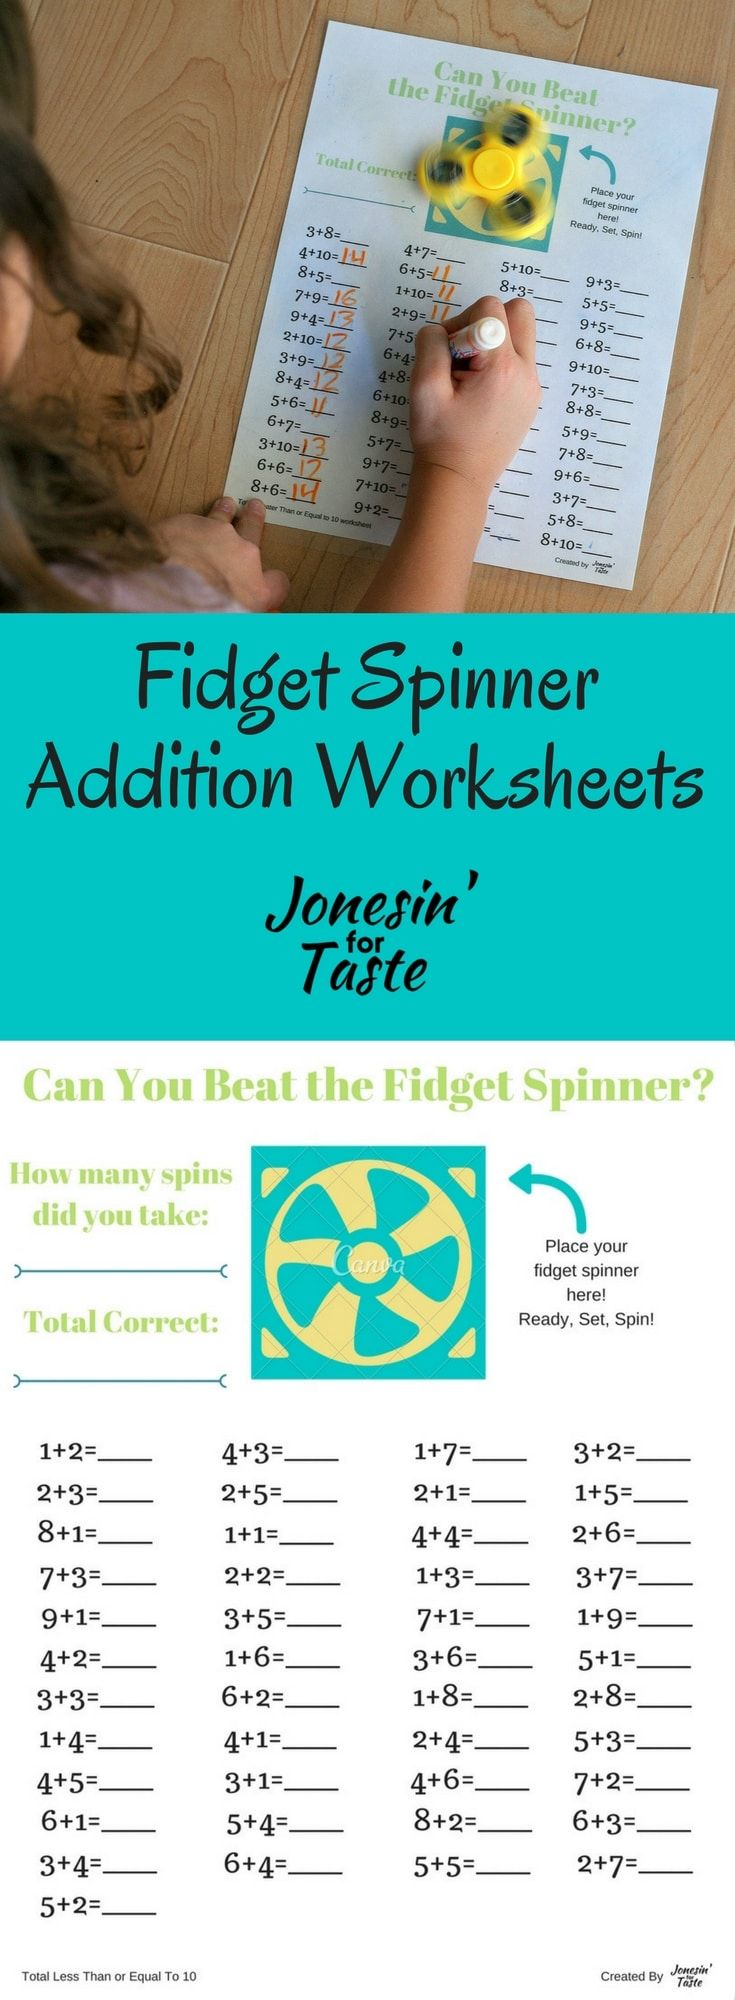 Fidget Spinner Addition Worksheet | Pinterest | Addition worksheets ...